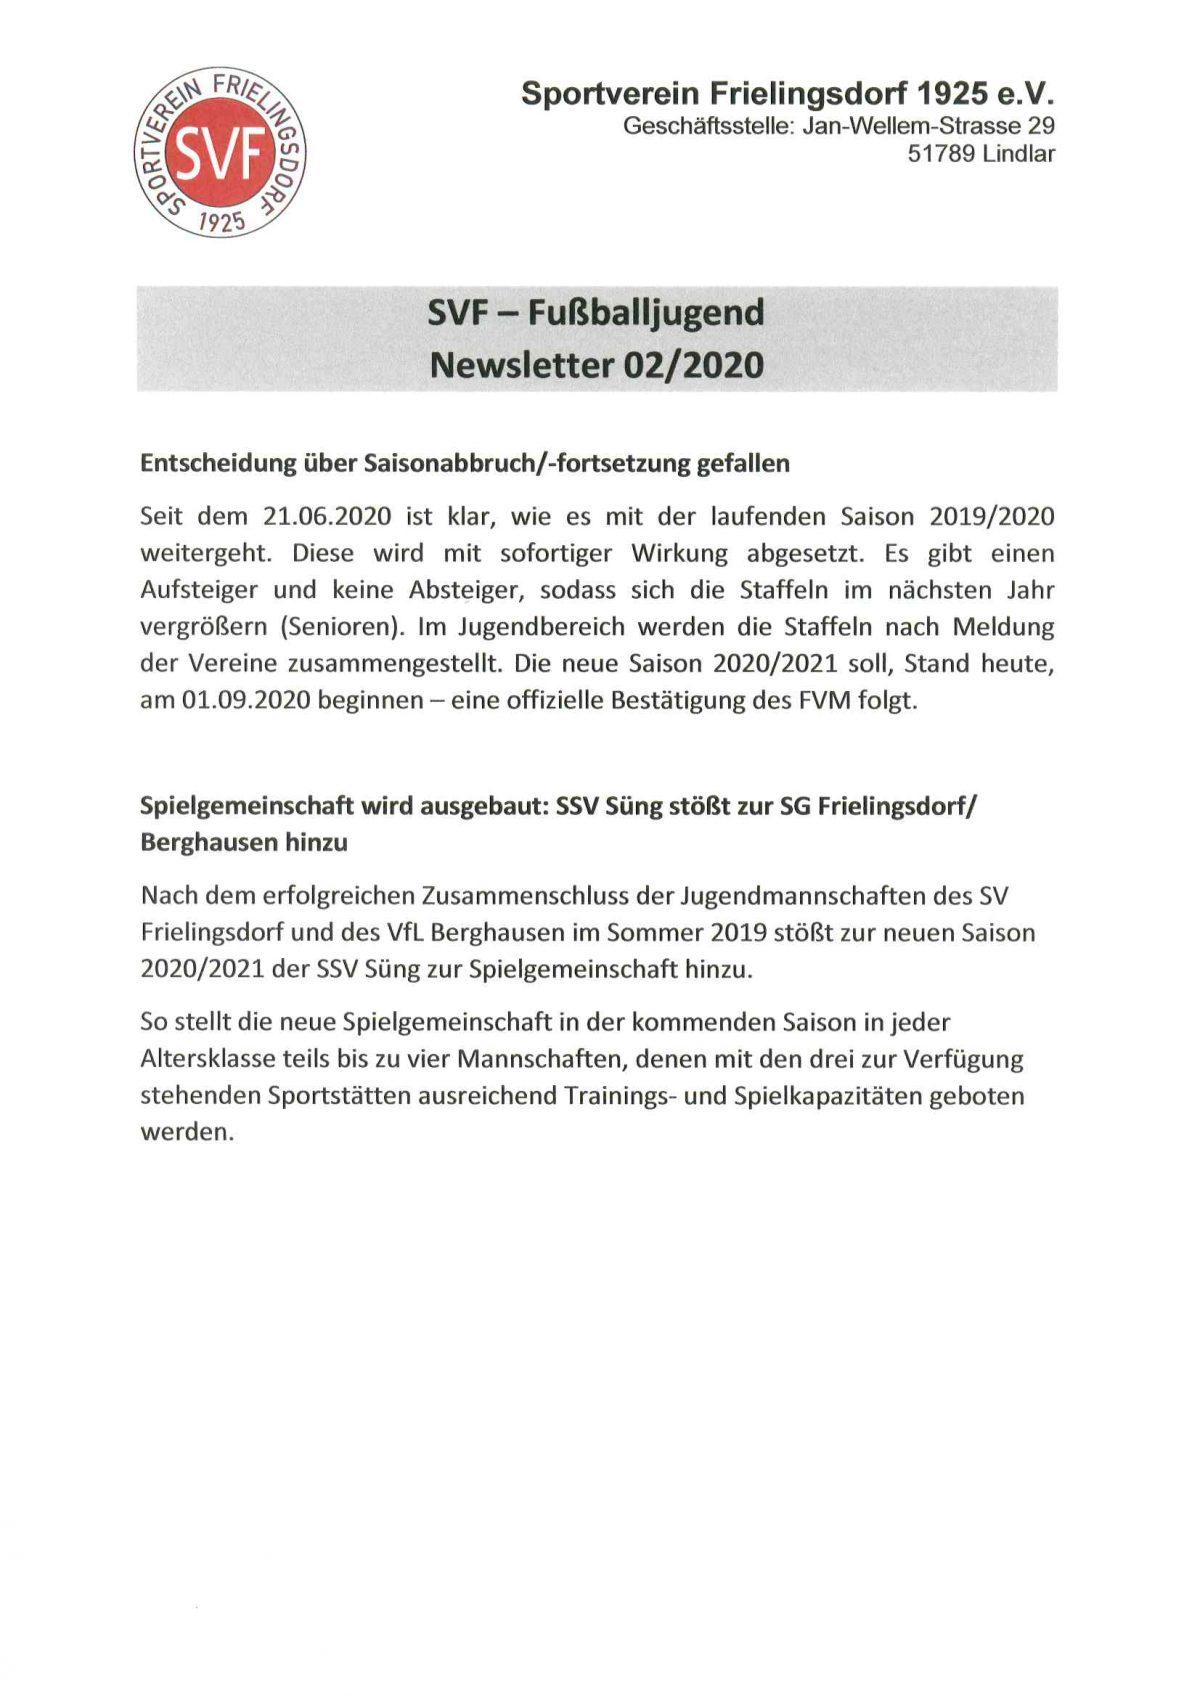 Newsletter 02/2020 der SVF-Fußballjugend